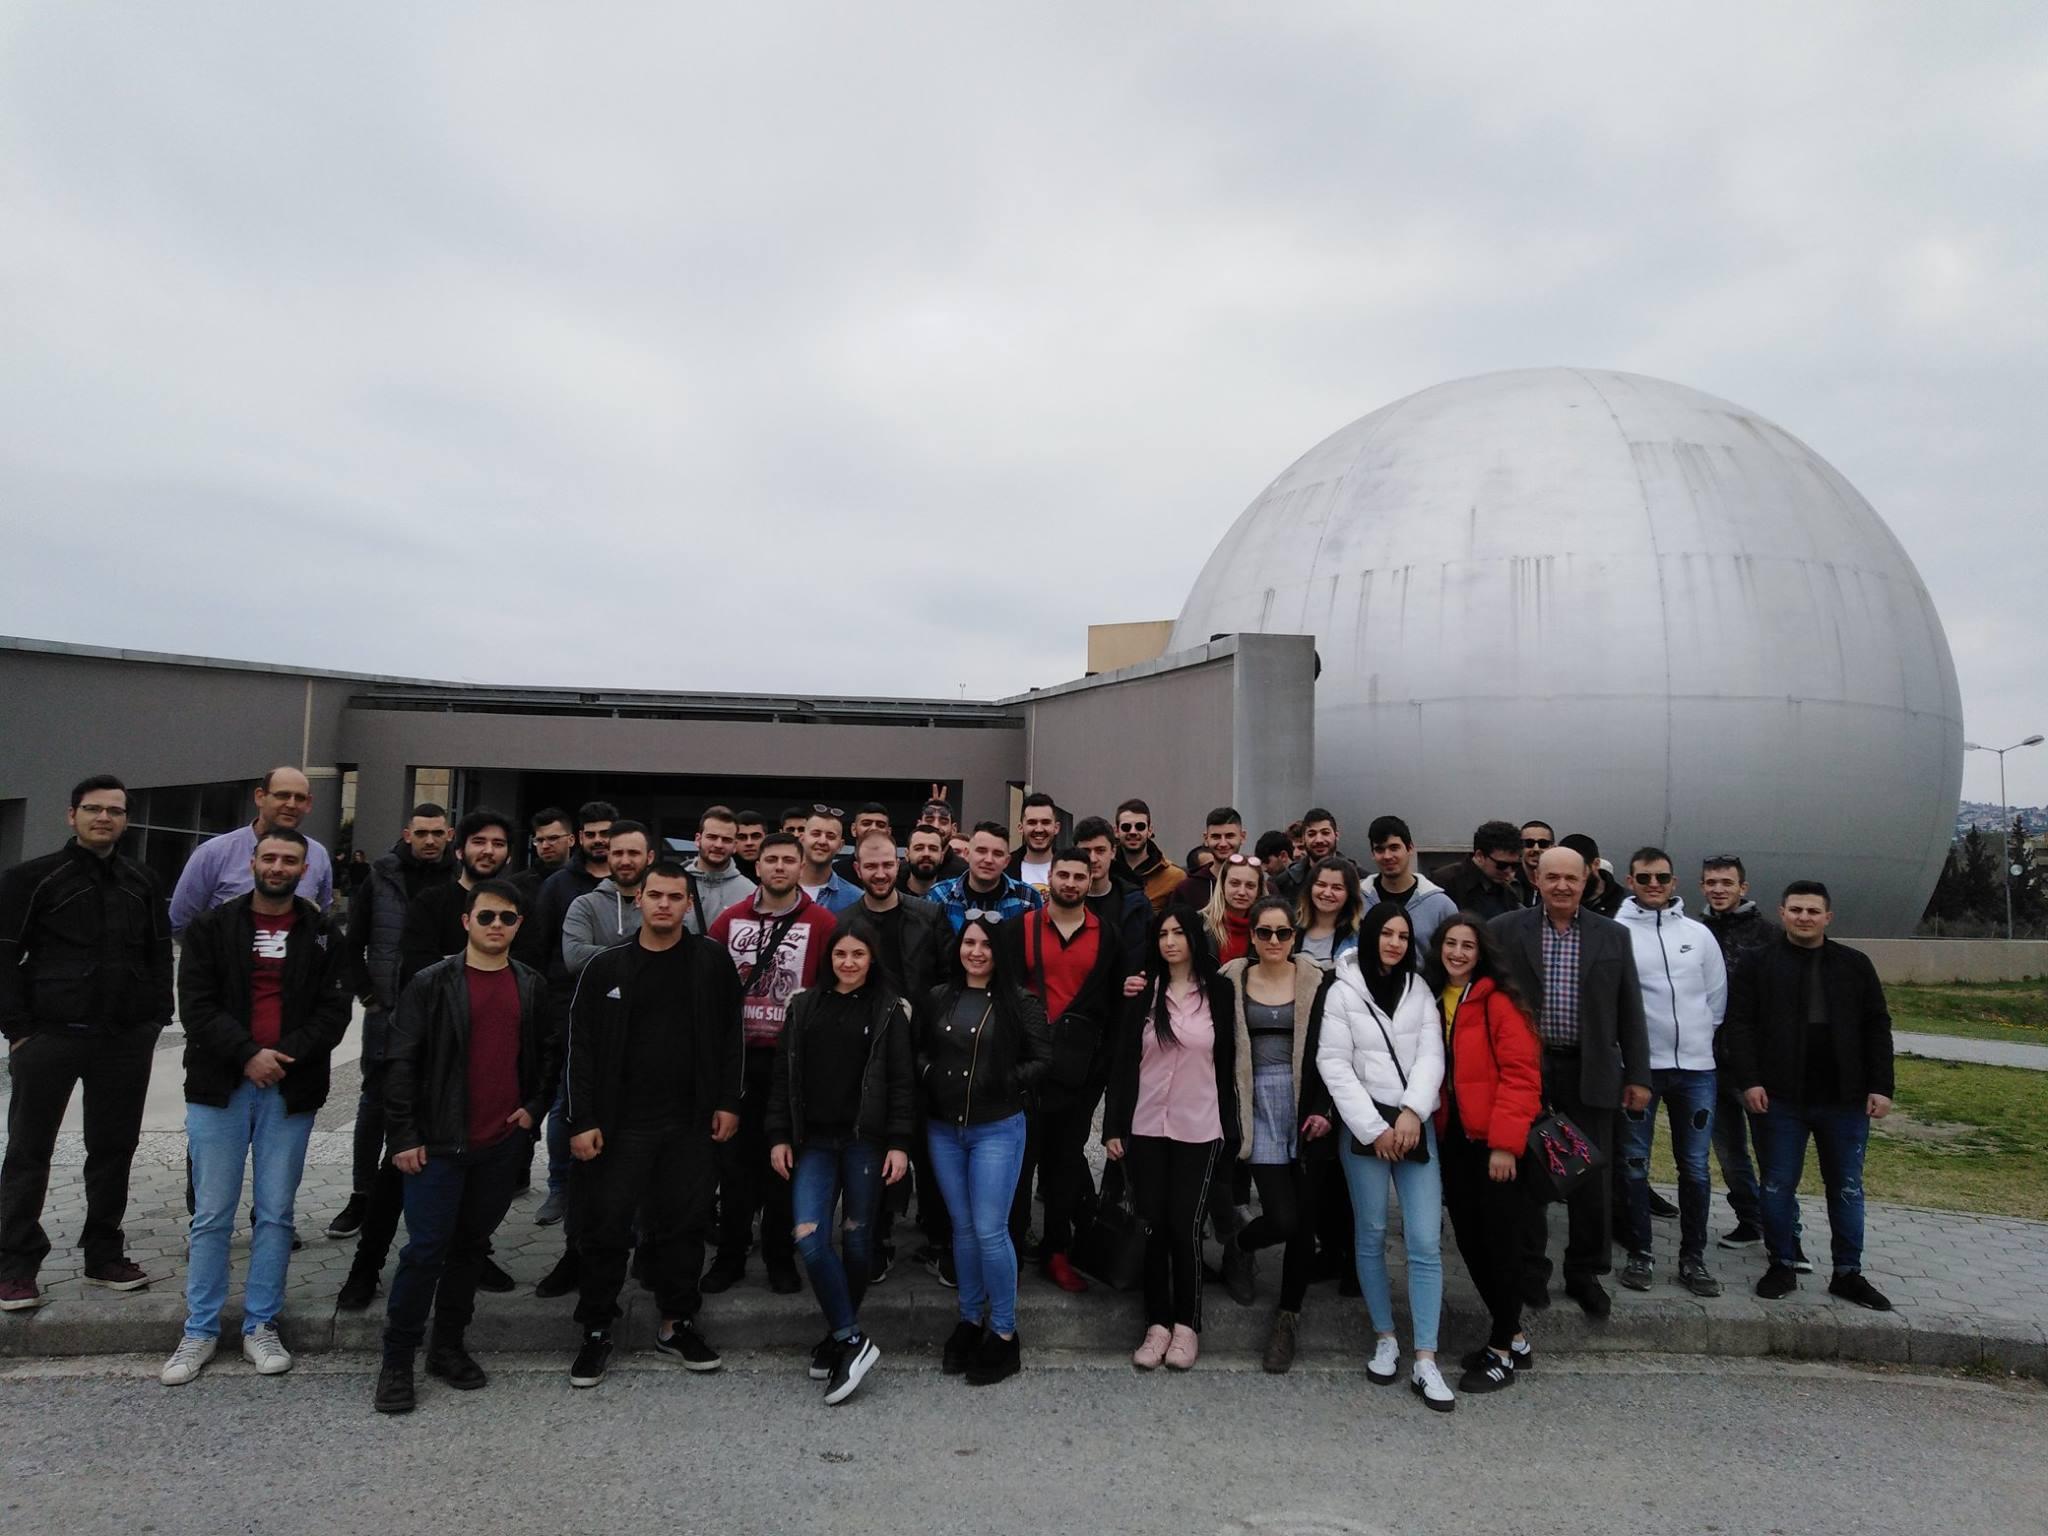 Επίσκεψη μαθητών της Σχολής Διττής Εκπαίδευσης της ΕΕΣΣΤΥ στο τεχνικό Μουσείο Θεσσαλονίκης